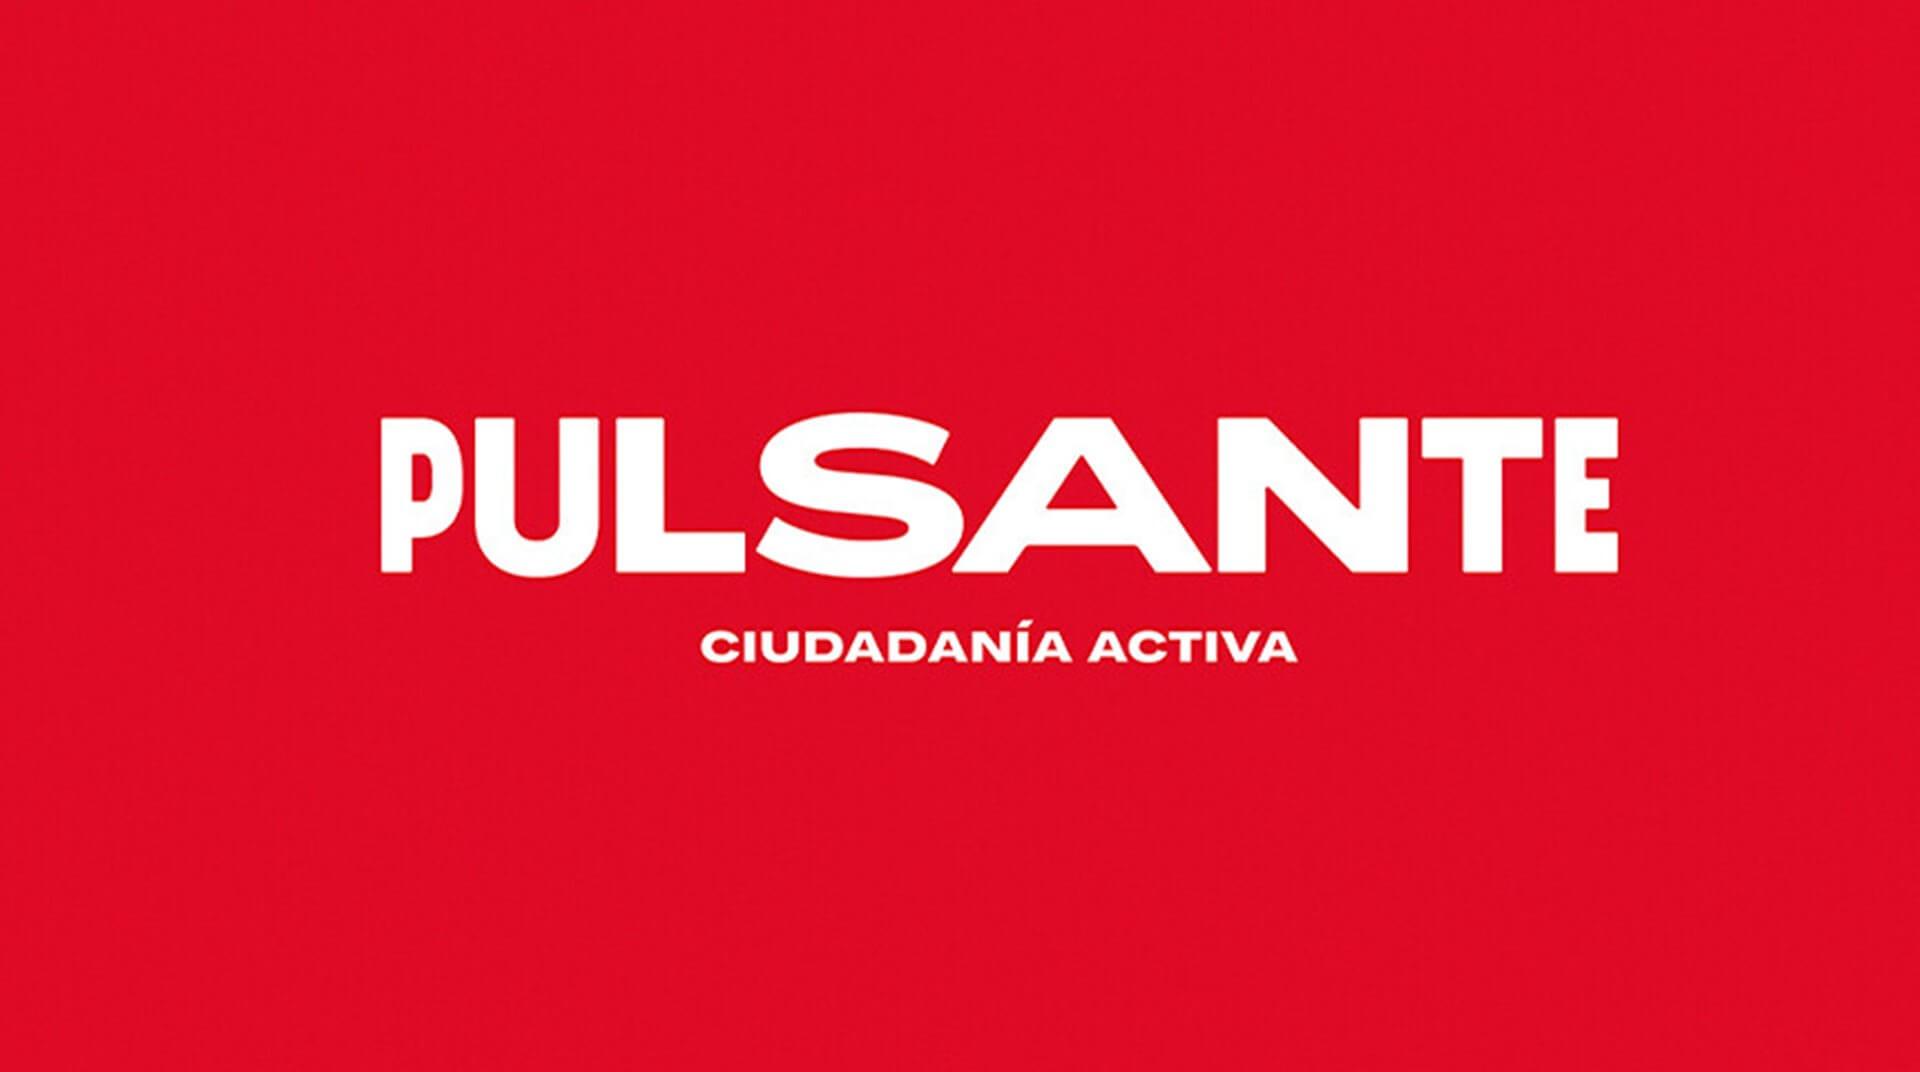 Nace Pulsante, el fondo de 3 millones de dólares para ampliar el espacio cívico en Latinoamérica